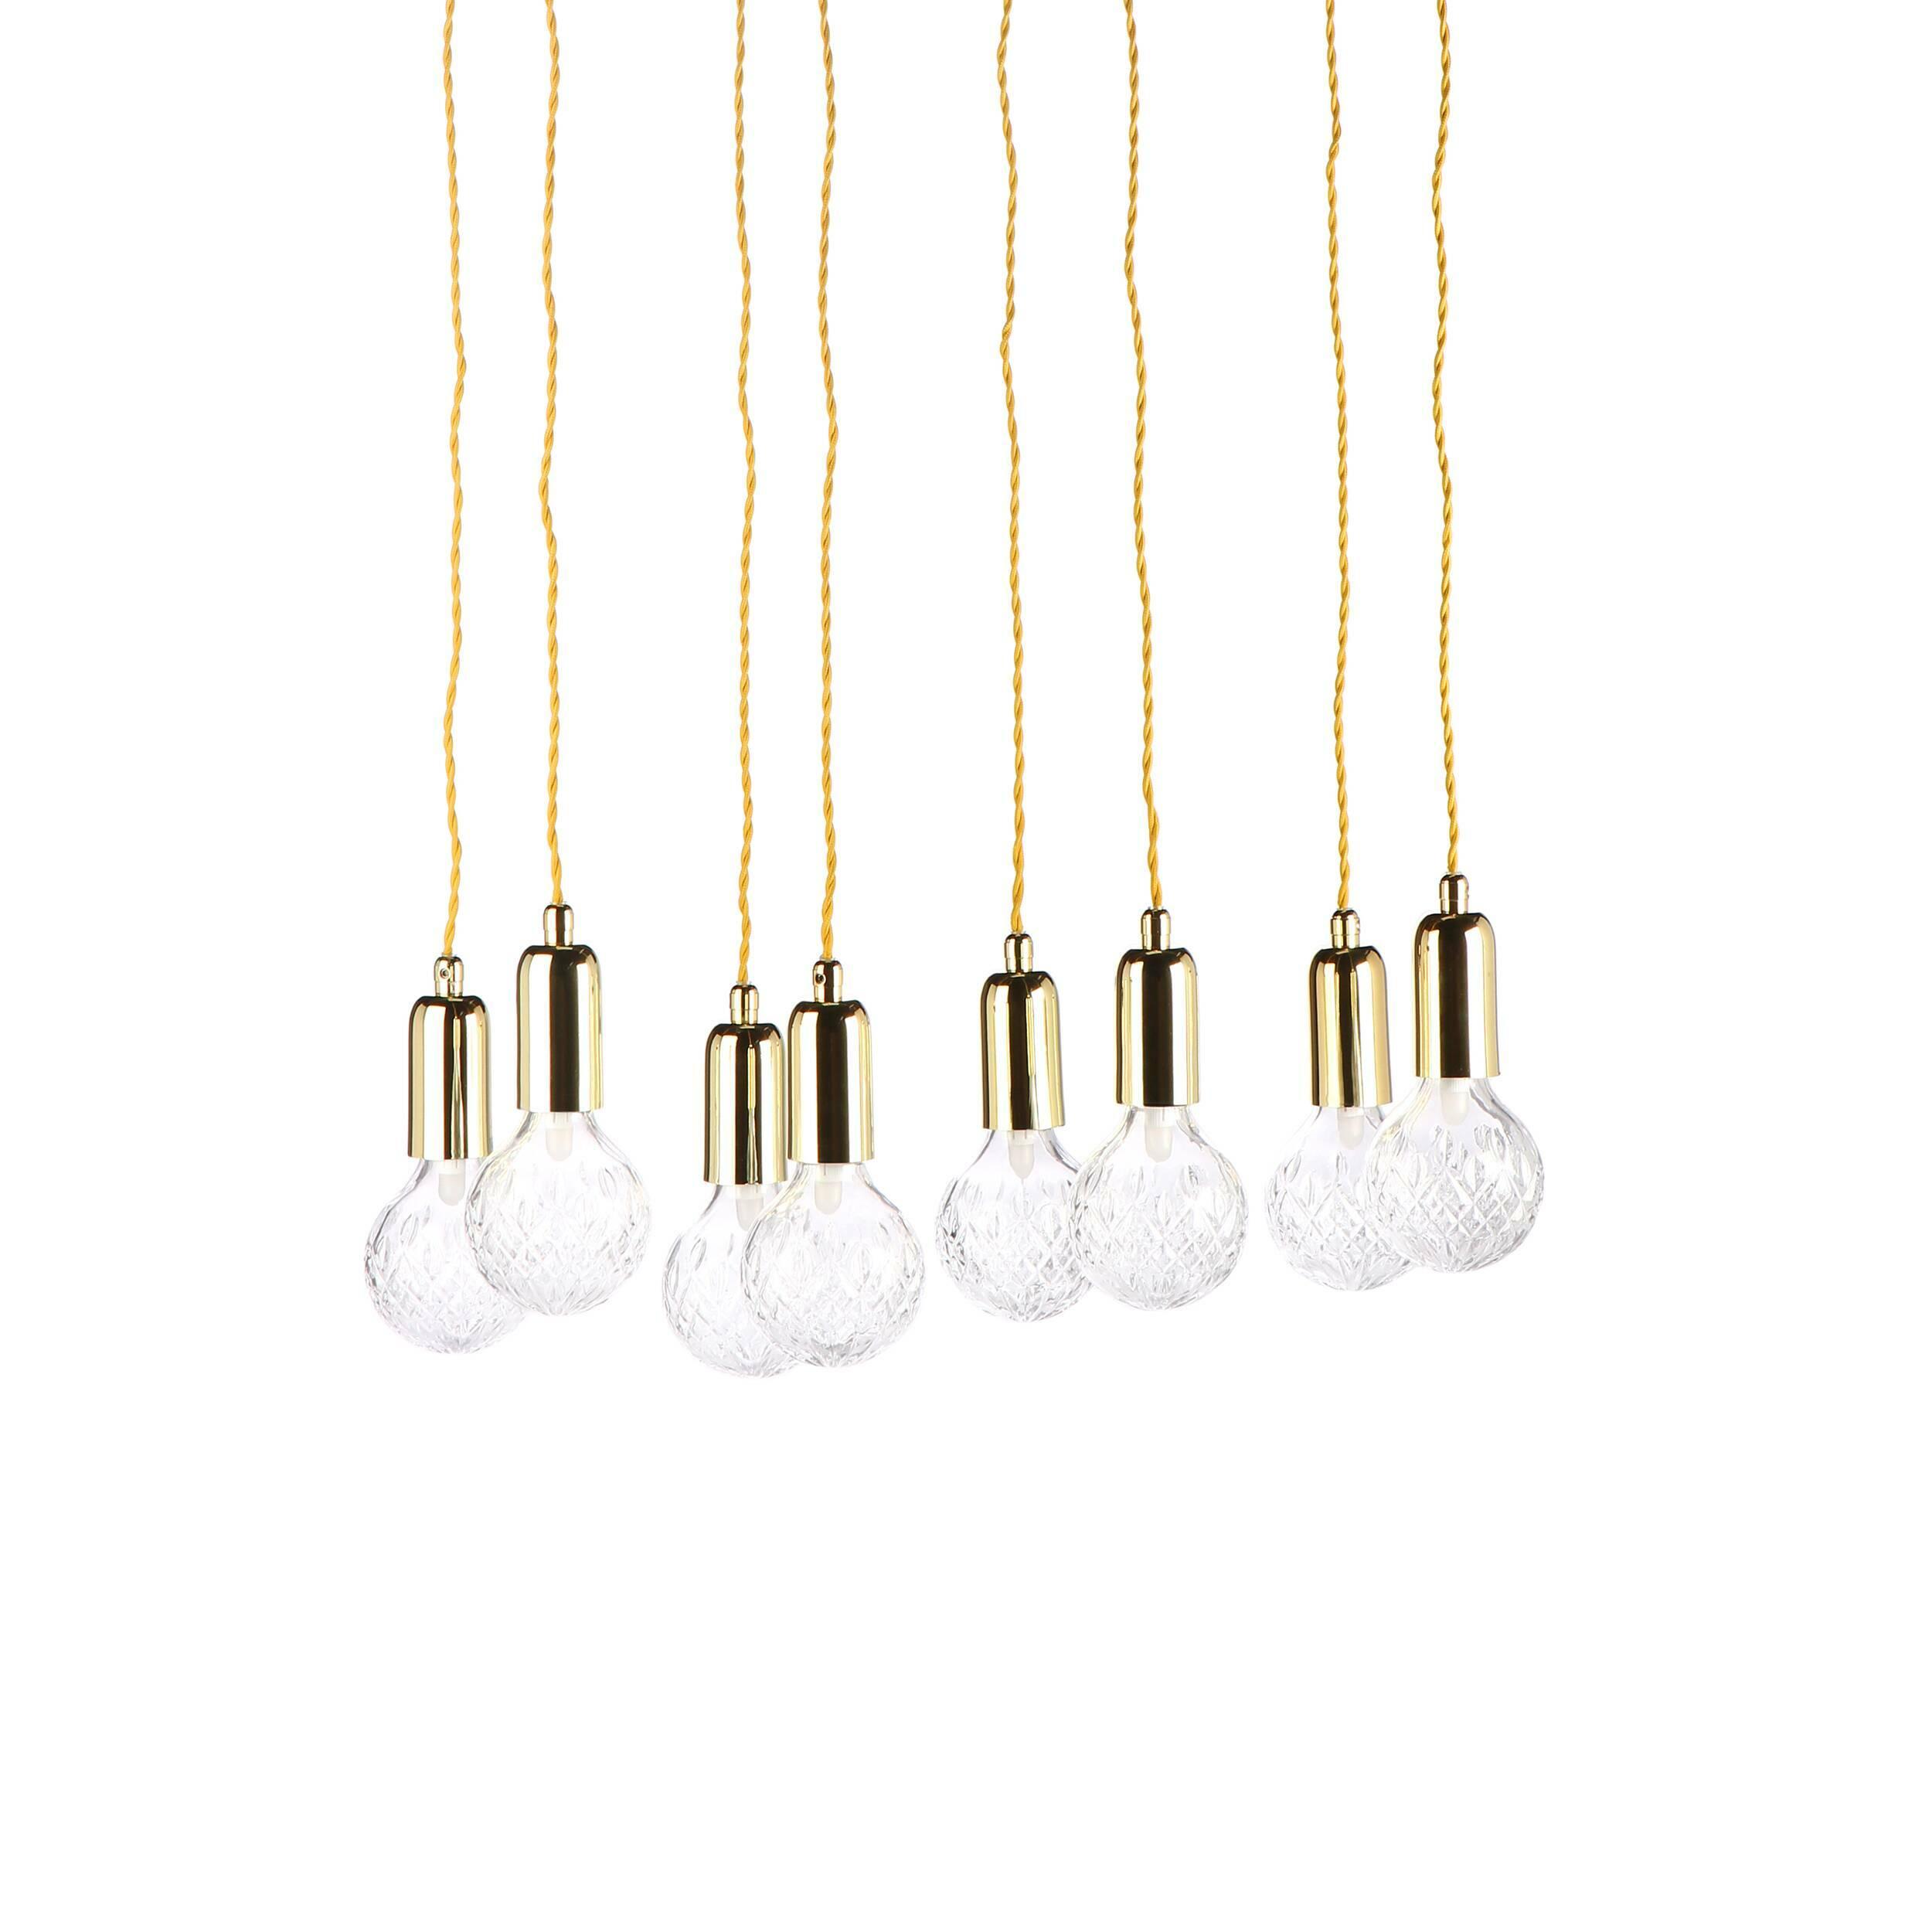 Подвесной светильник Crystal Bulb круглыйПодвесные<br>Светильники в фоме гильз или капсул быстро набирают популярность, они стильные и практичные, подходящие практически под каждый интерьер. Подвесной светильник Crystal Bulb круглый — это набор светильников в количестве восьми штук, объединенных на круглой потолочной базе. <br><br><br> Такие светильники легко осветят даже самую большую залу, придадут торжественности. Покупая такой светильник, можно украсить непривычными деталями декора дом или квартиру. Подойдет такой светильник и в общественные по...<br><br>stock: 0<br>Высота: 180<br>Диаметр: 45<br>Количество ламп: 8<br>Материал абажура: Стекло<br>Материал арматуры: Металл<br>Мощность лампы: 2<br>Ламп в комплекте: Да<br>Тип лампы/цоколь: G9+Е27<br>Цвет абажура: Прозрачный<br>Цвет арматуры: Золотой